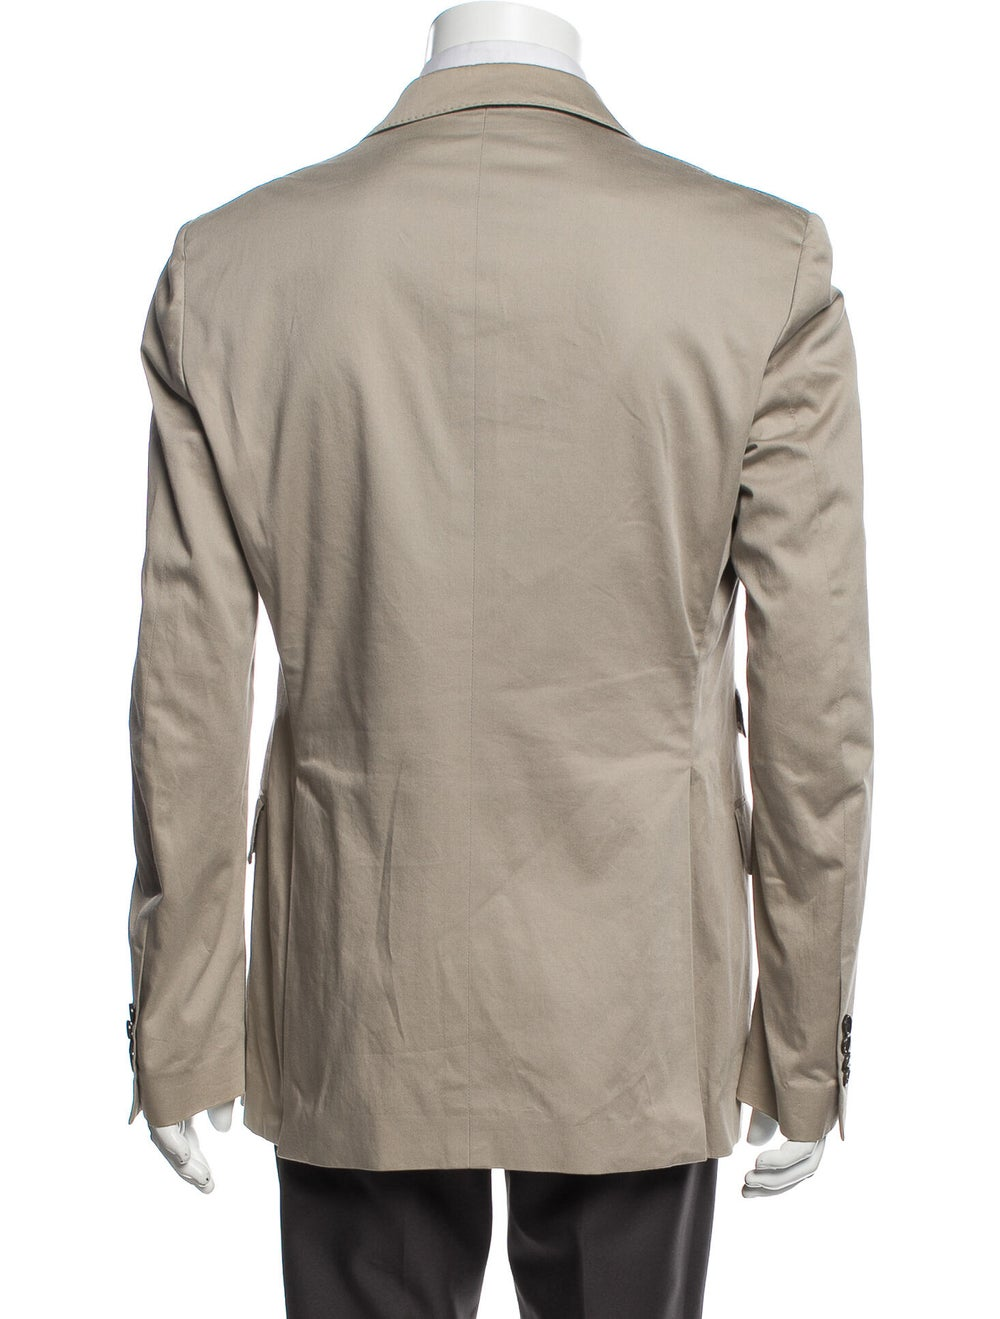 Etro Sport Coat - image 3